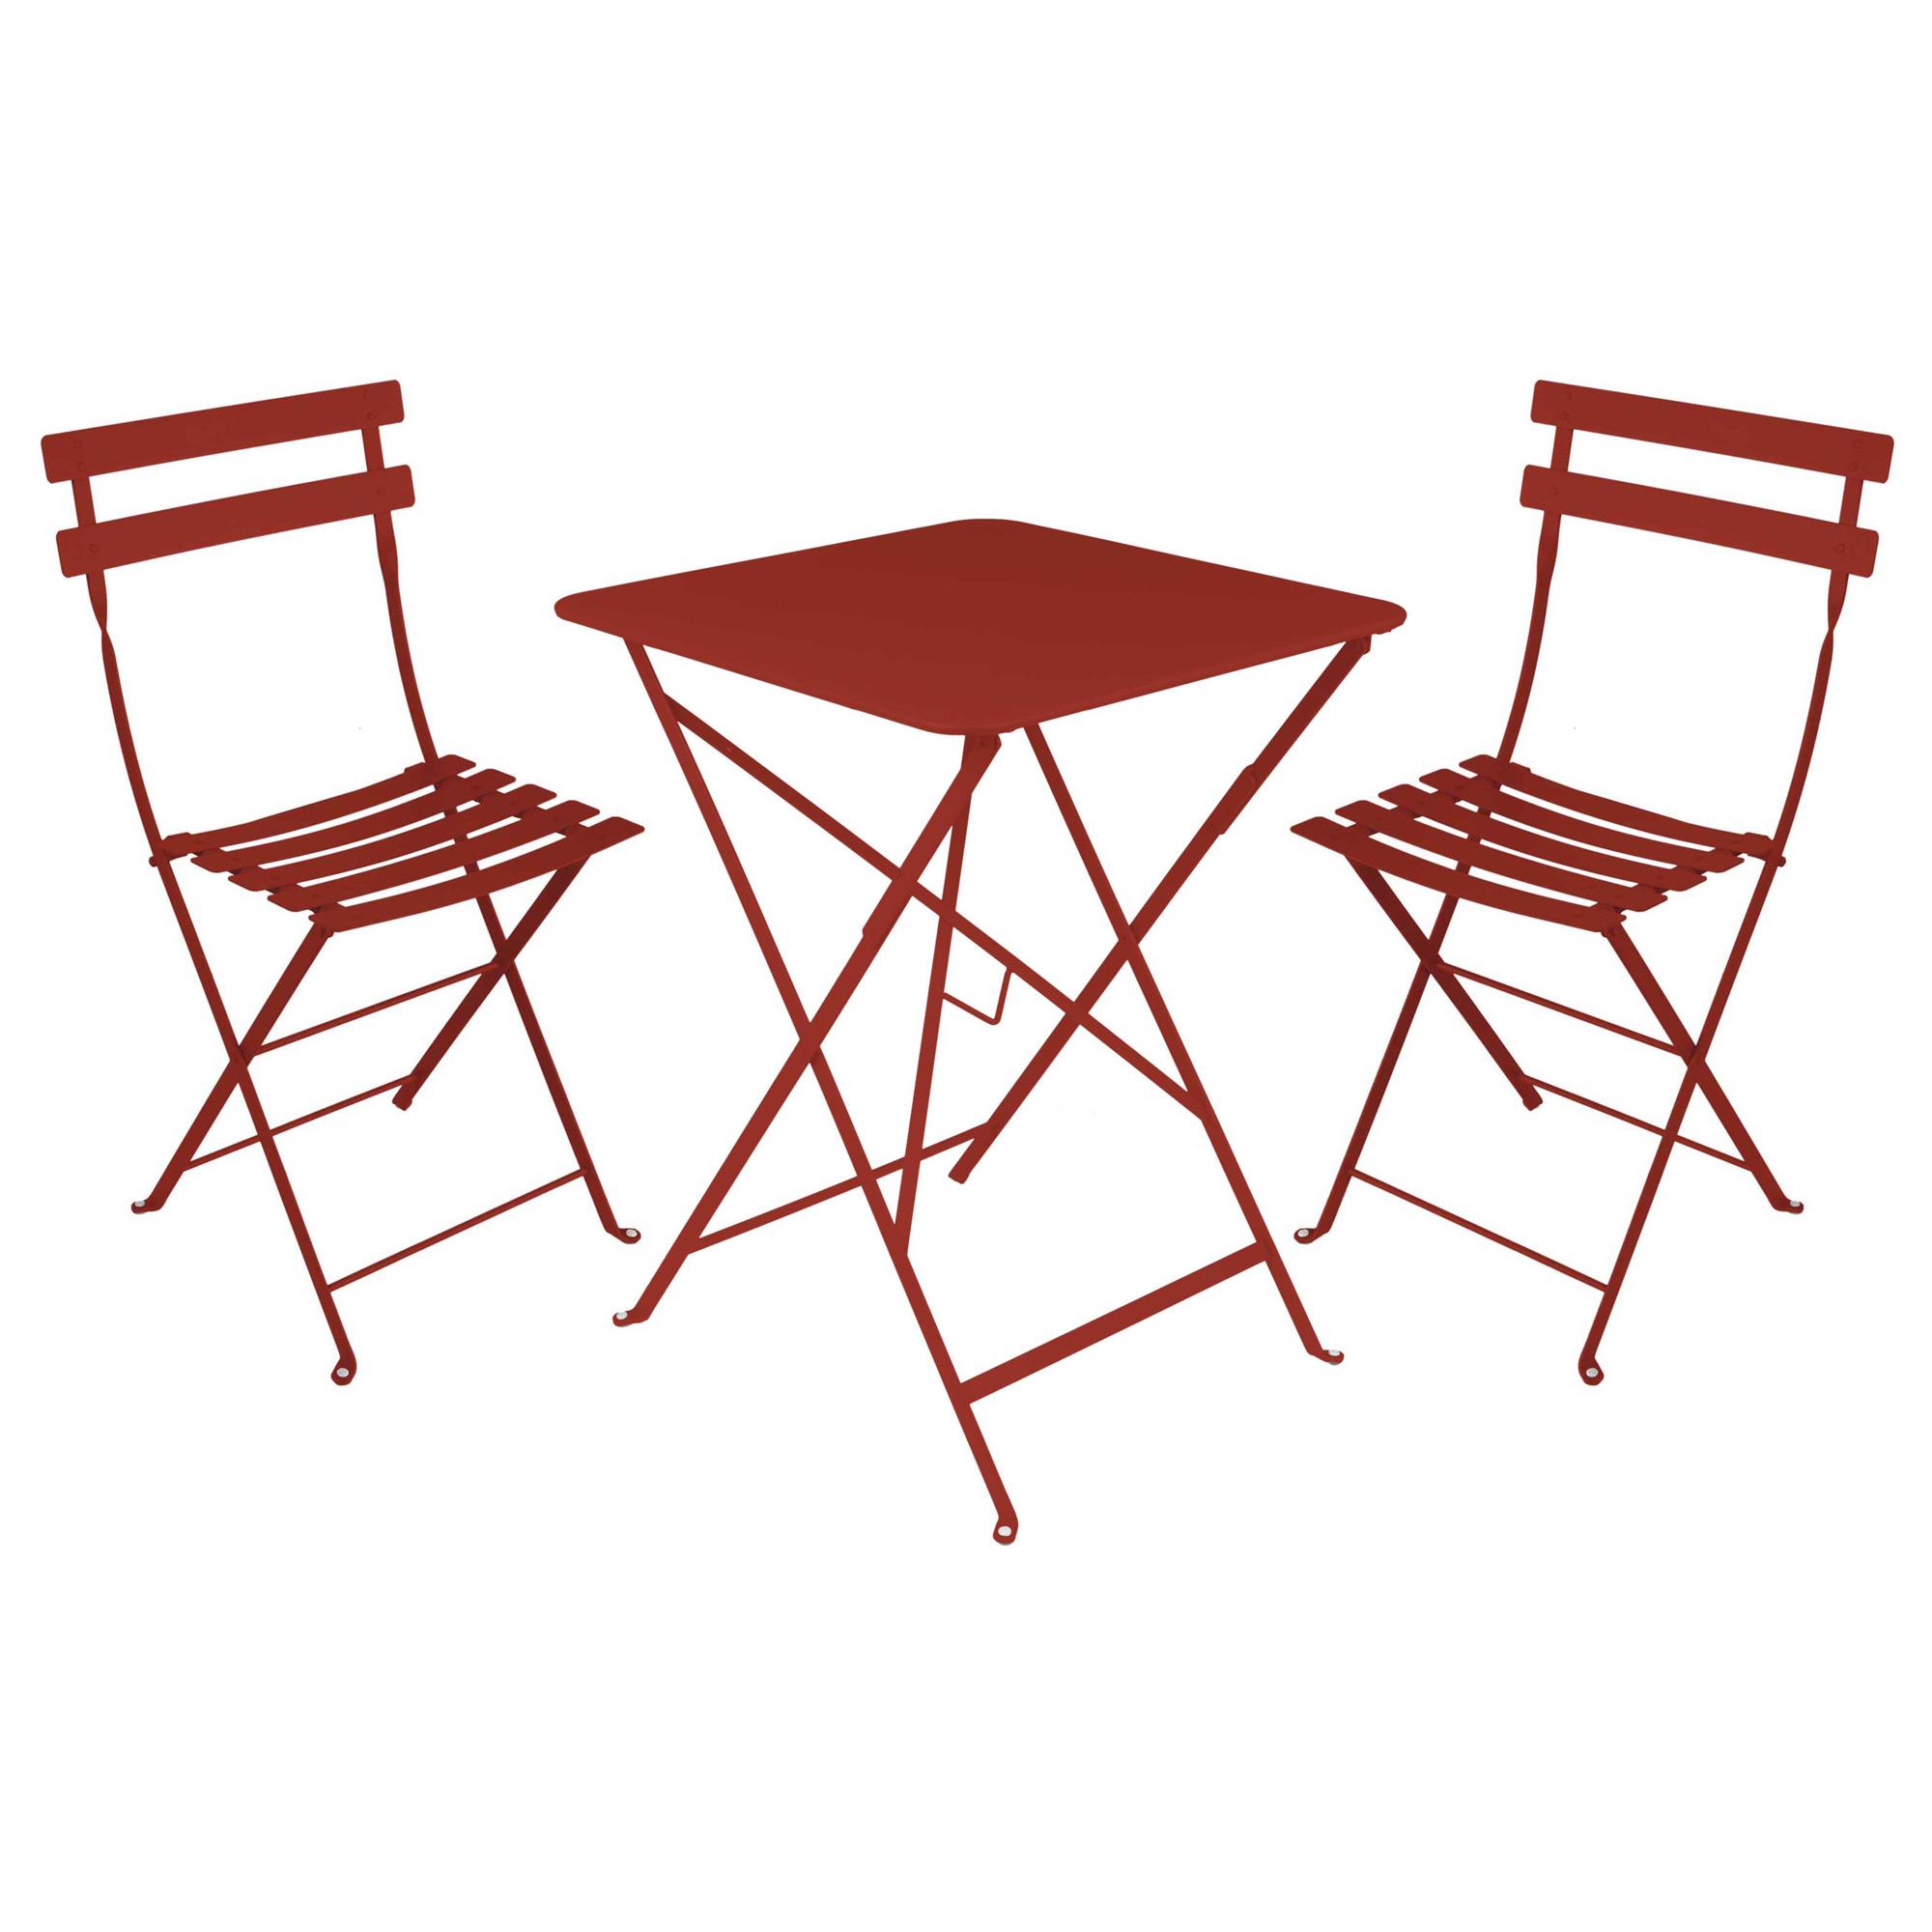 the table salon pliante tunisie housse chaise haute fauteuil esthetique pour galette jardin bois